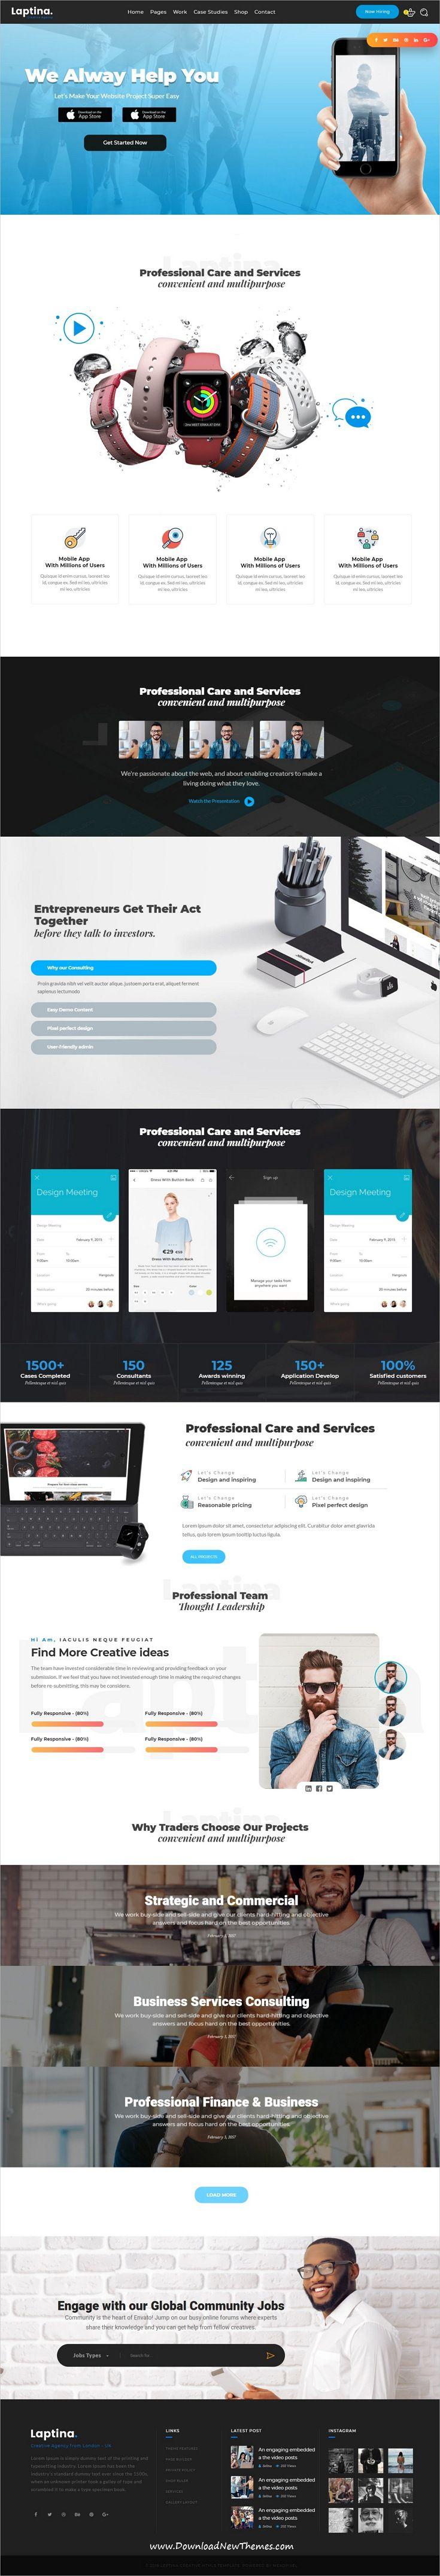 3477 besten Webdesign Ideen Bilder auf Pinterest | Website design ...